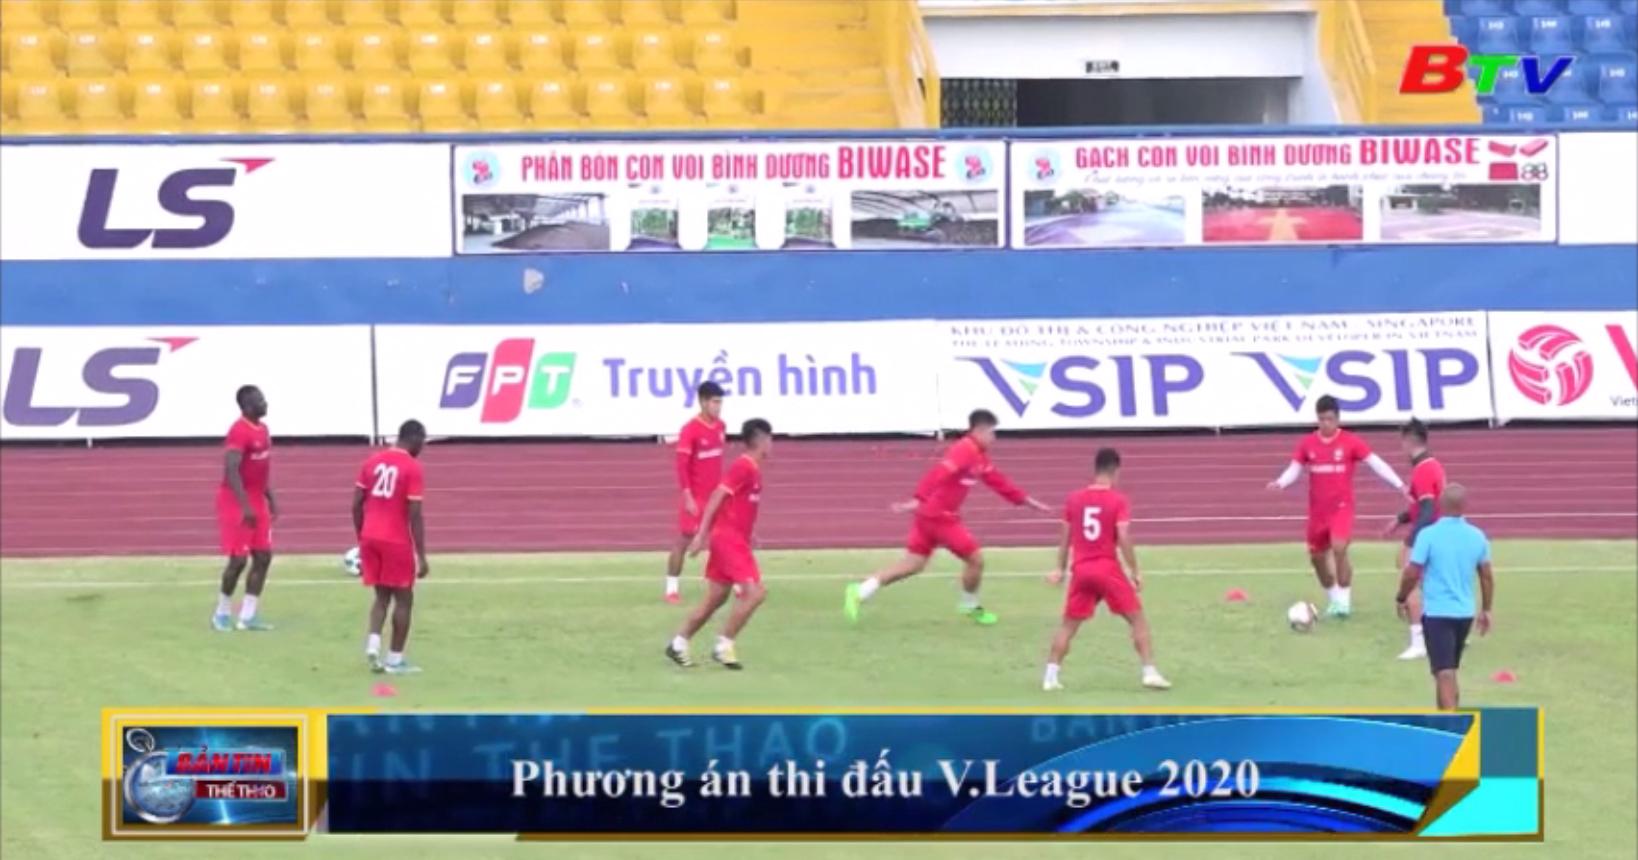 Phương án thi đấu V-League 2020